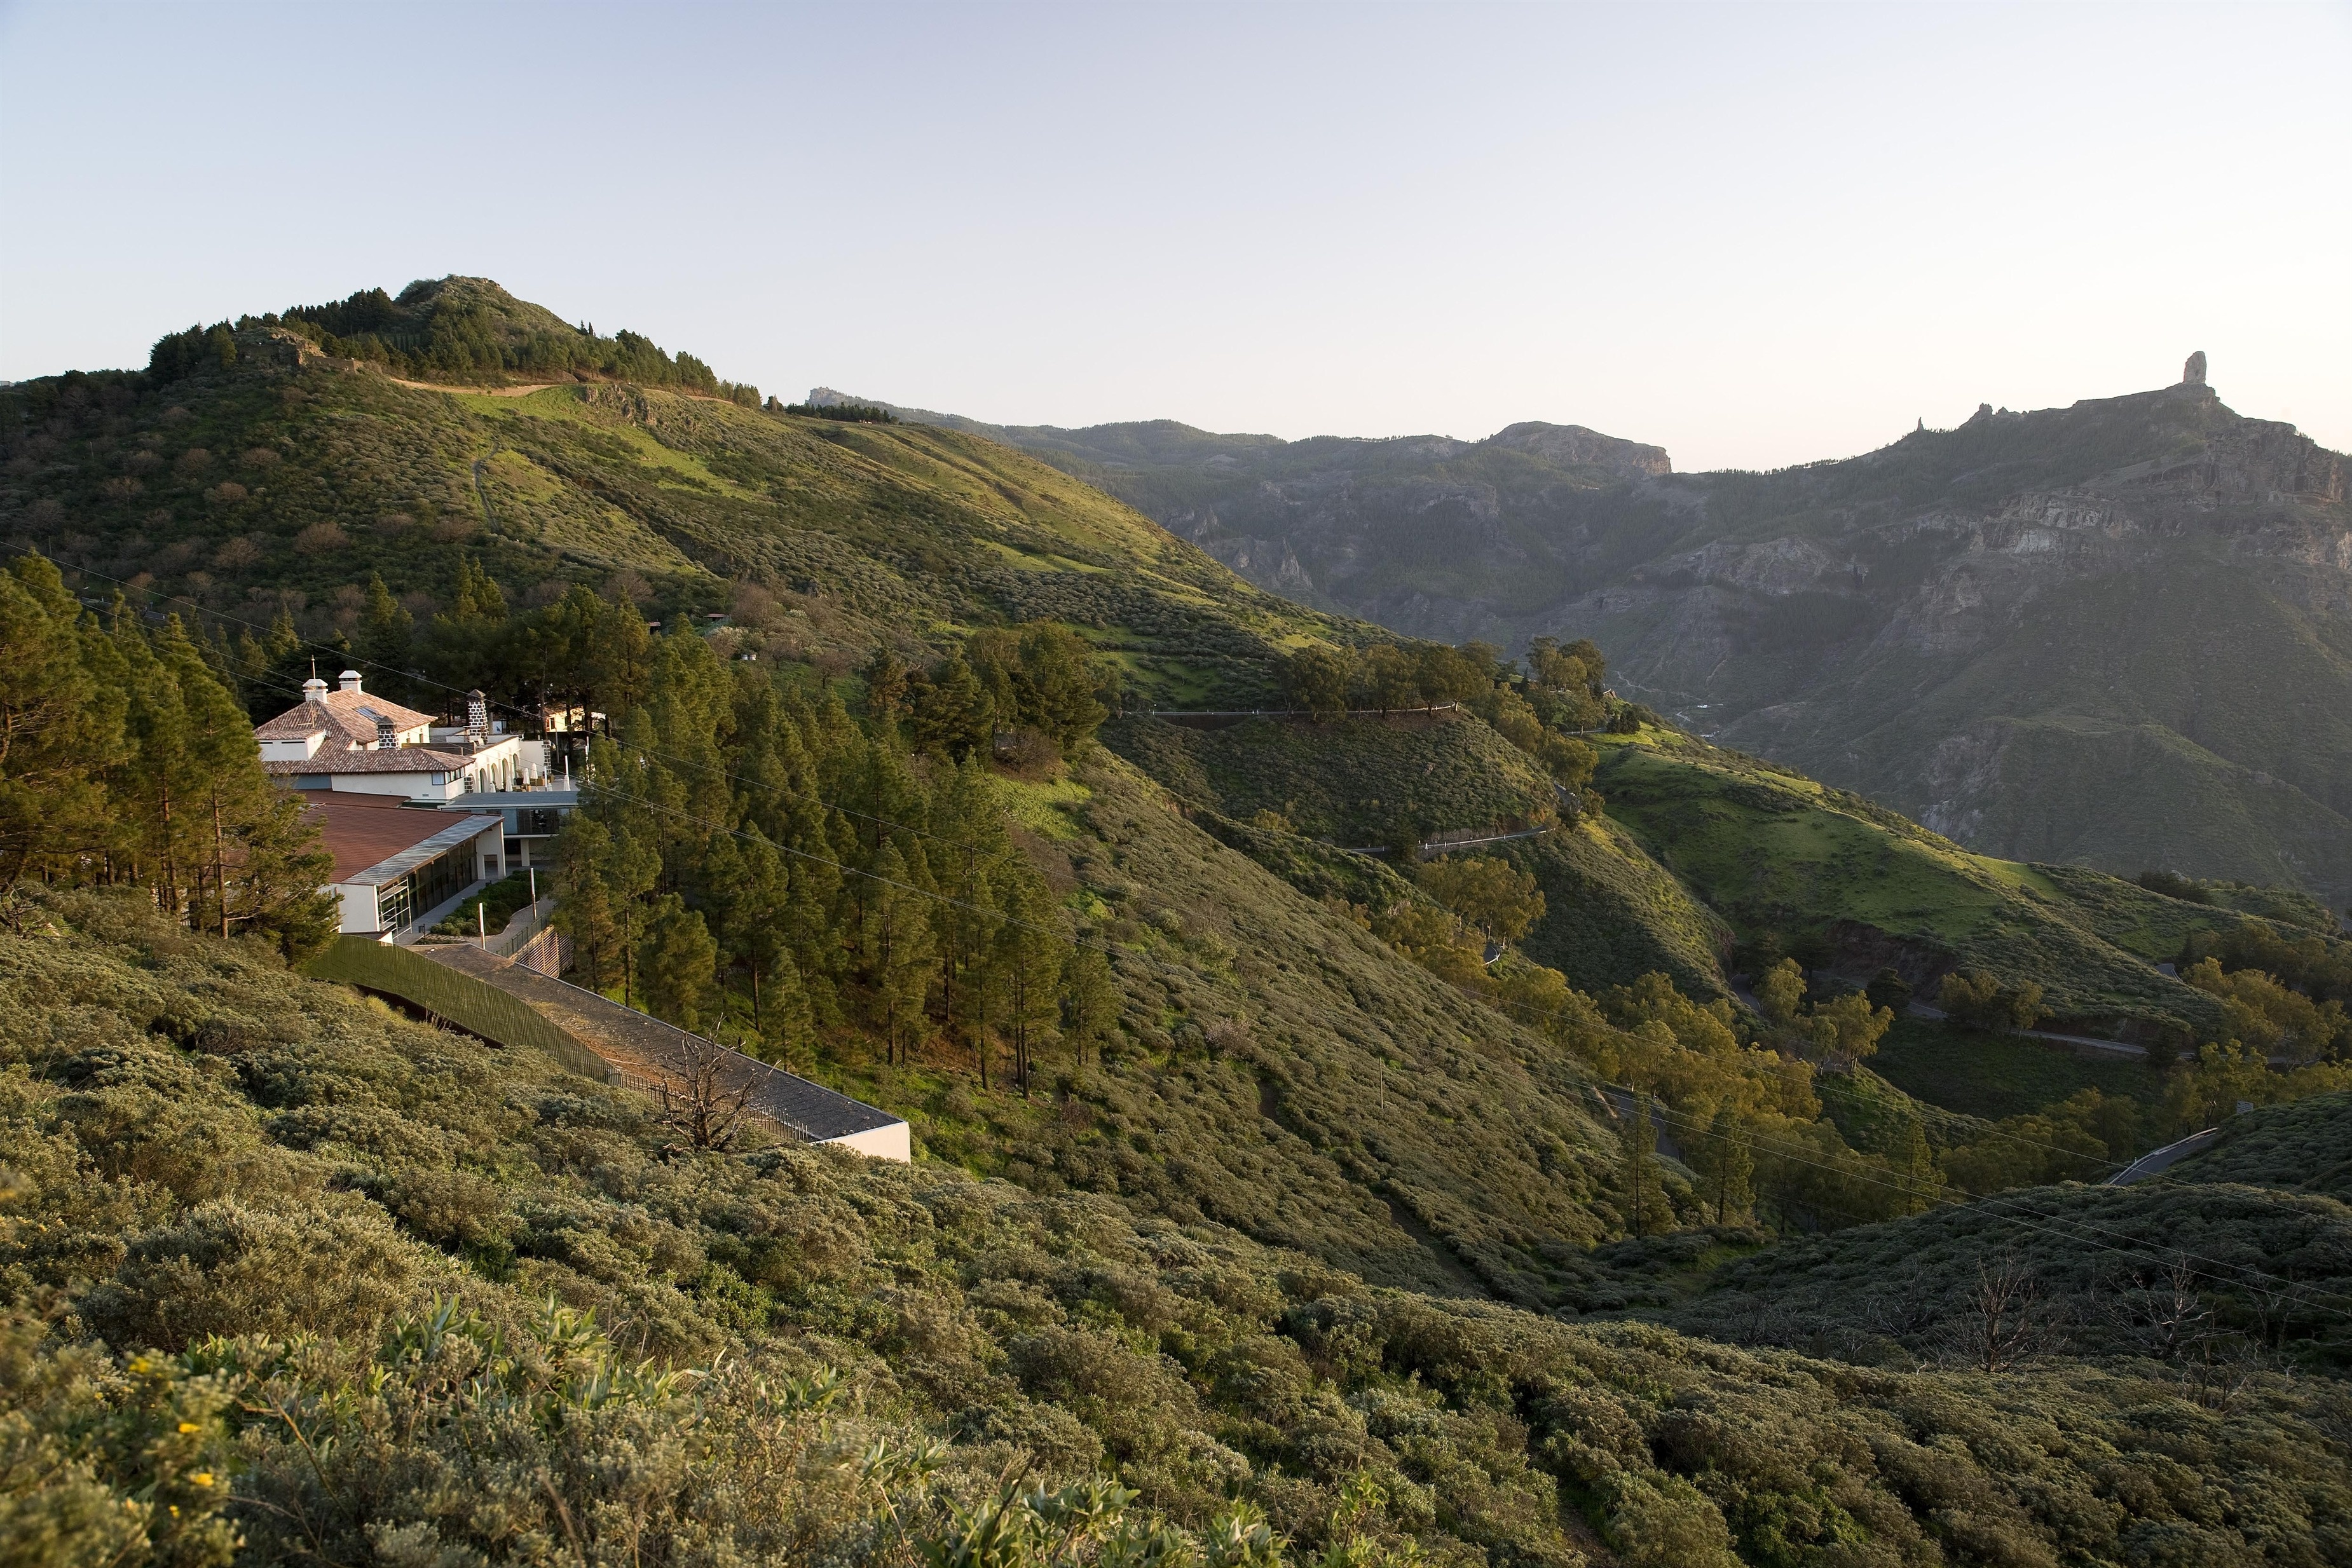 La ocupación en turismo rural en Canarias caerá un 8% en julio